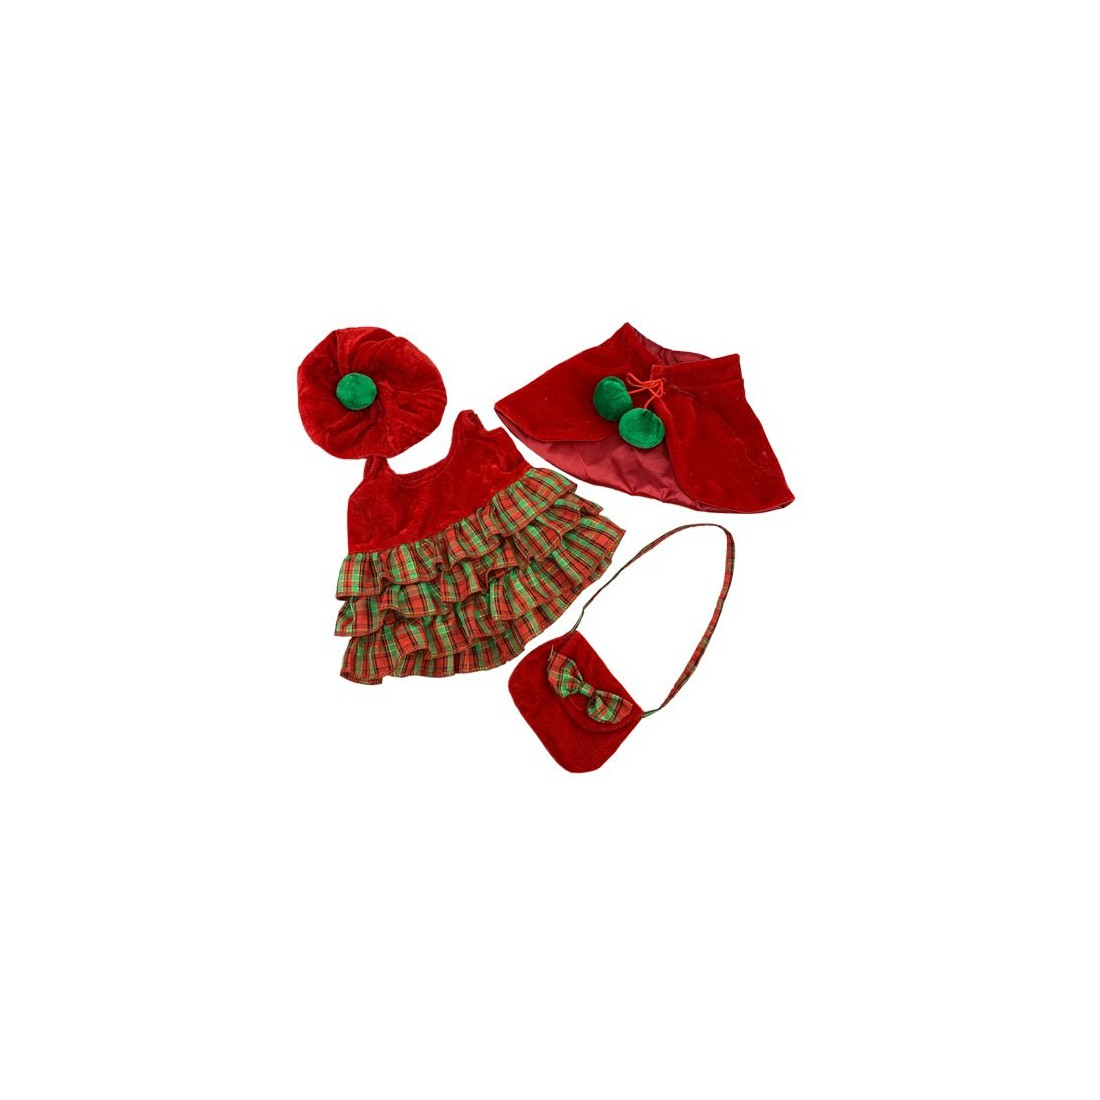 Robe de noël avec cape, béret et sac  , 40 cm